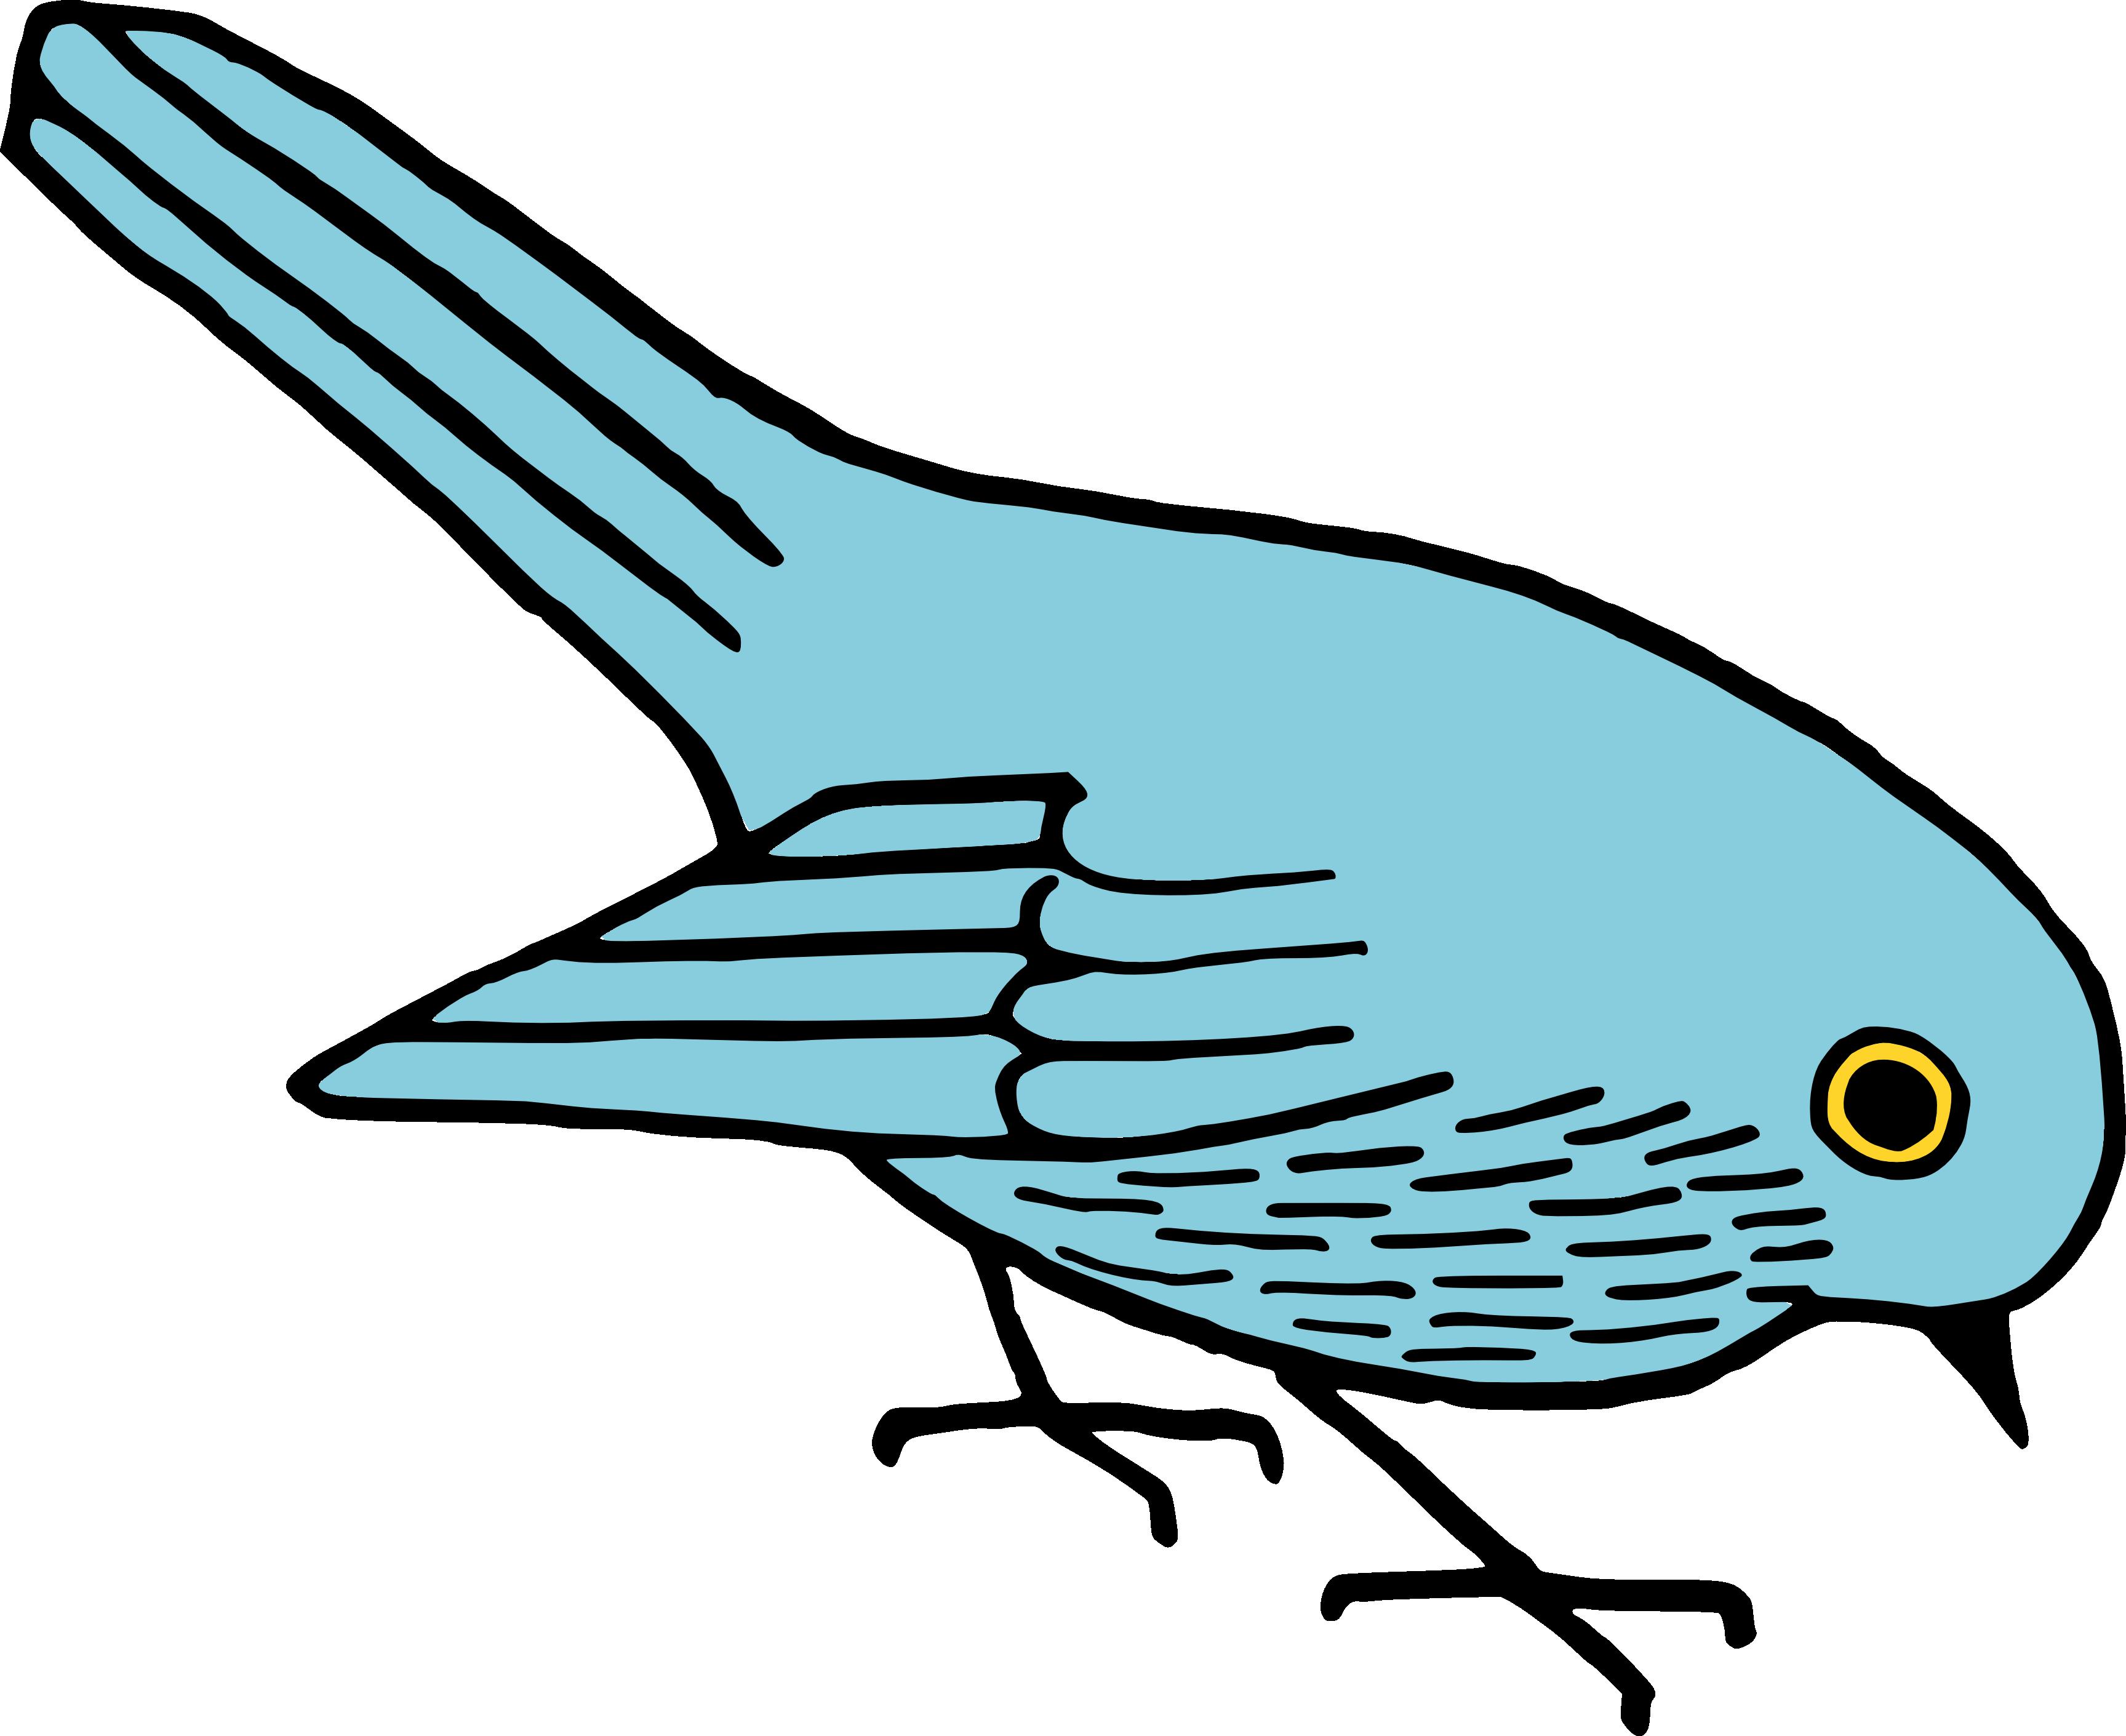 3455x2821 Bird Images Clip Art Chadholtz